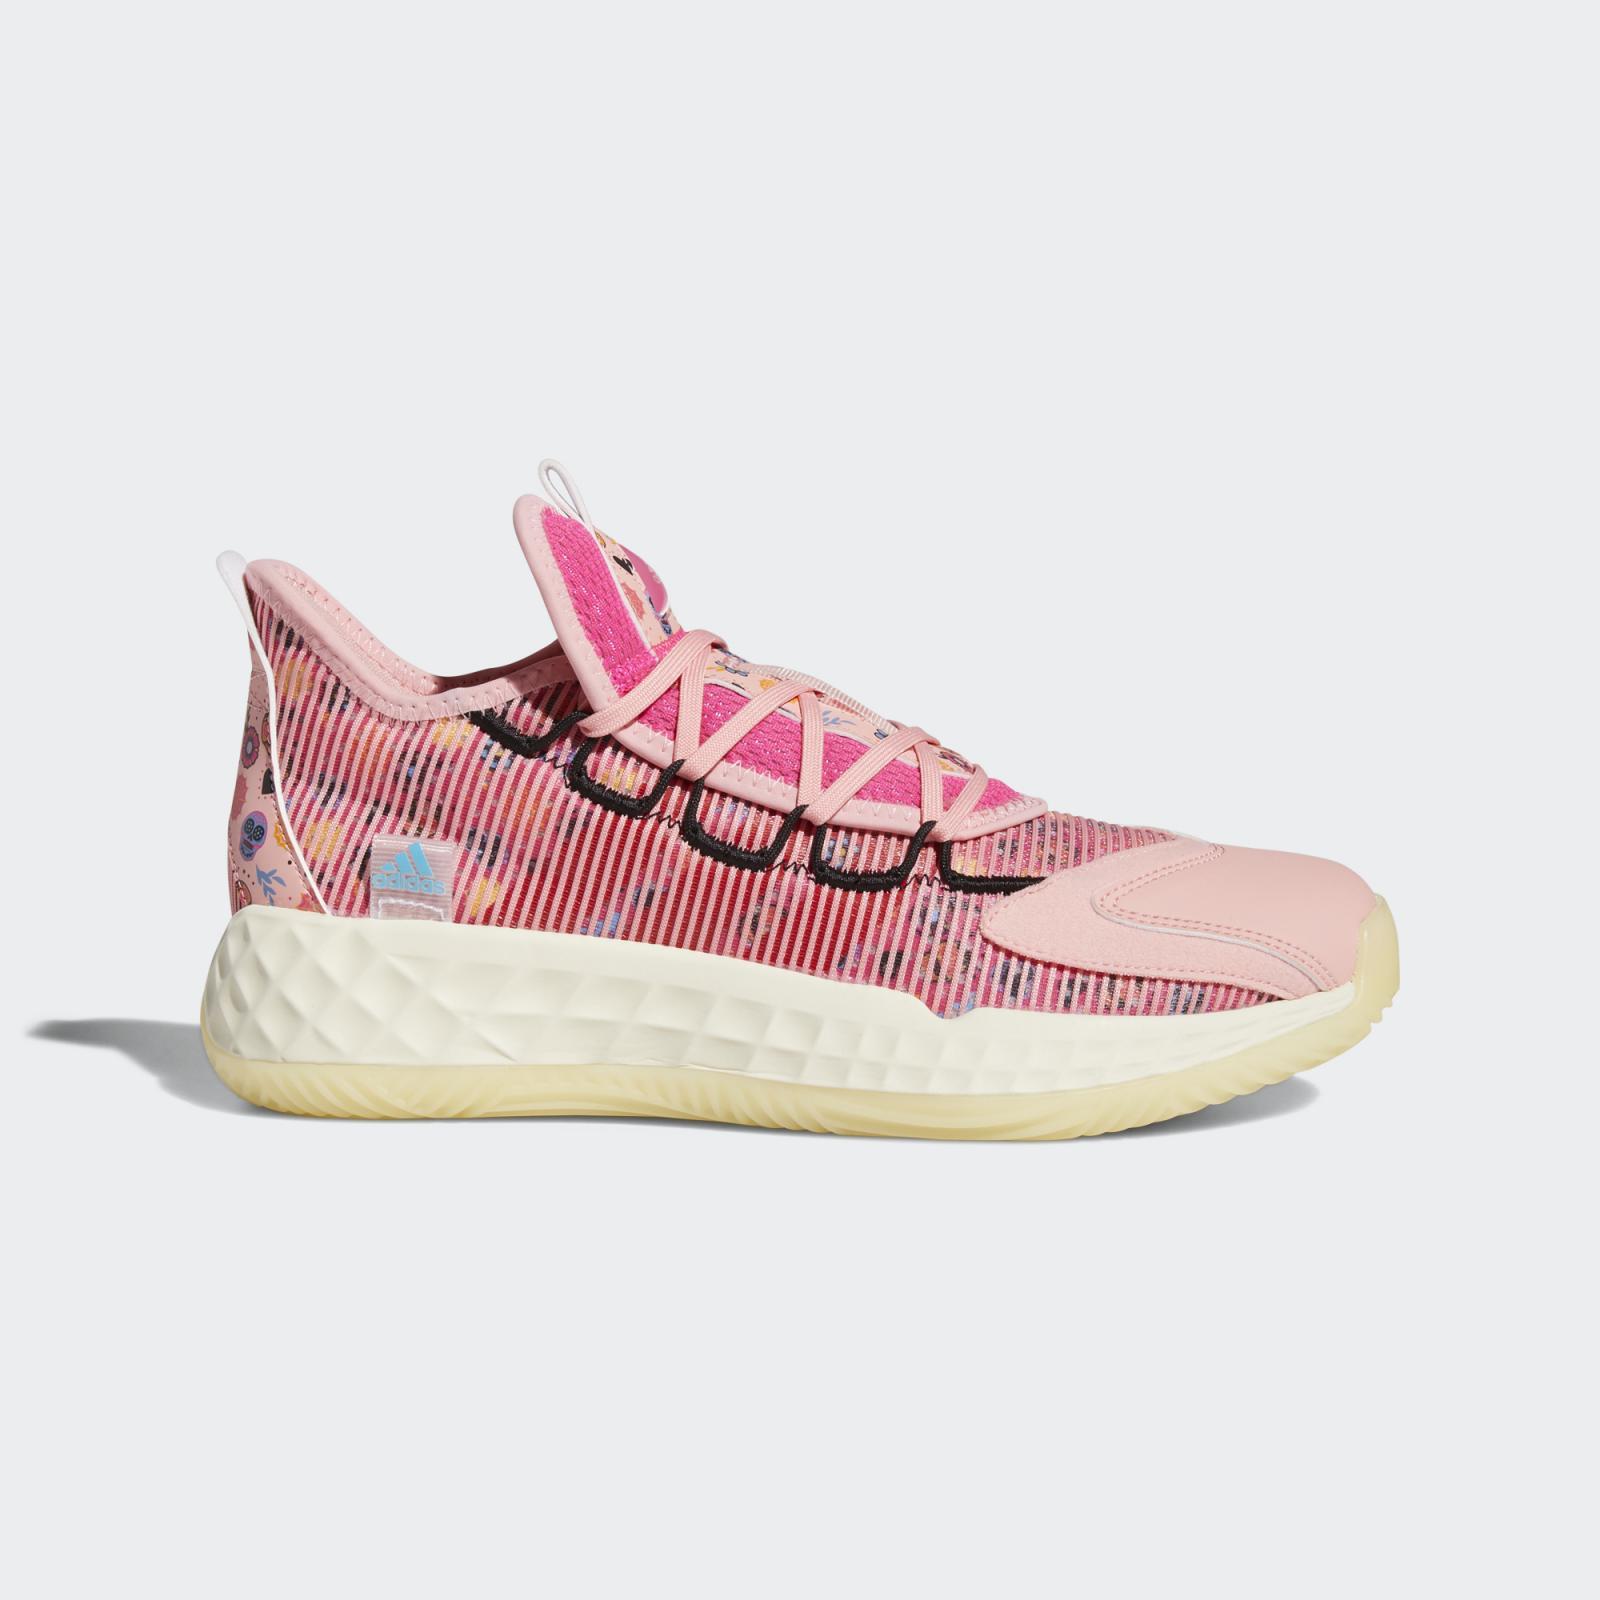 亡灵节限定荣耀粉色adidas PRO BOOST GCA Low即将登陆大中华地区